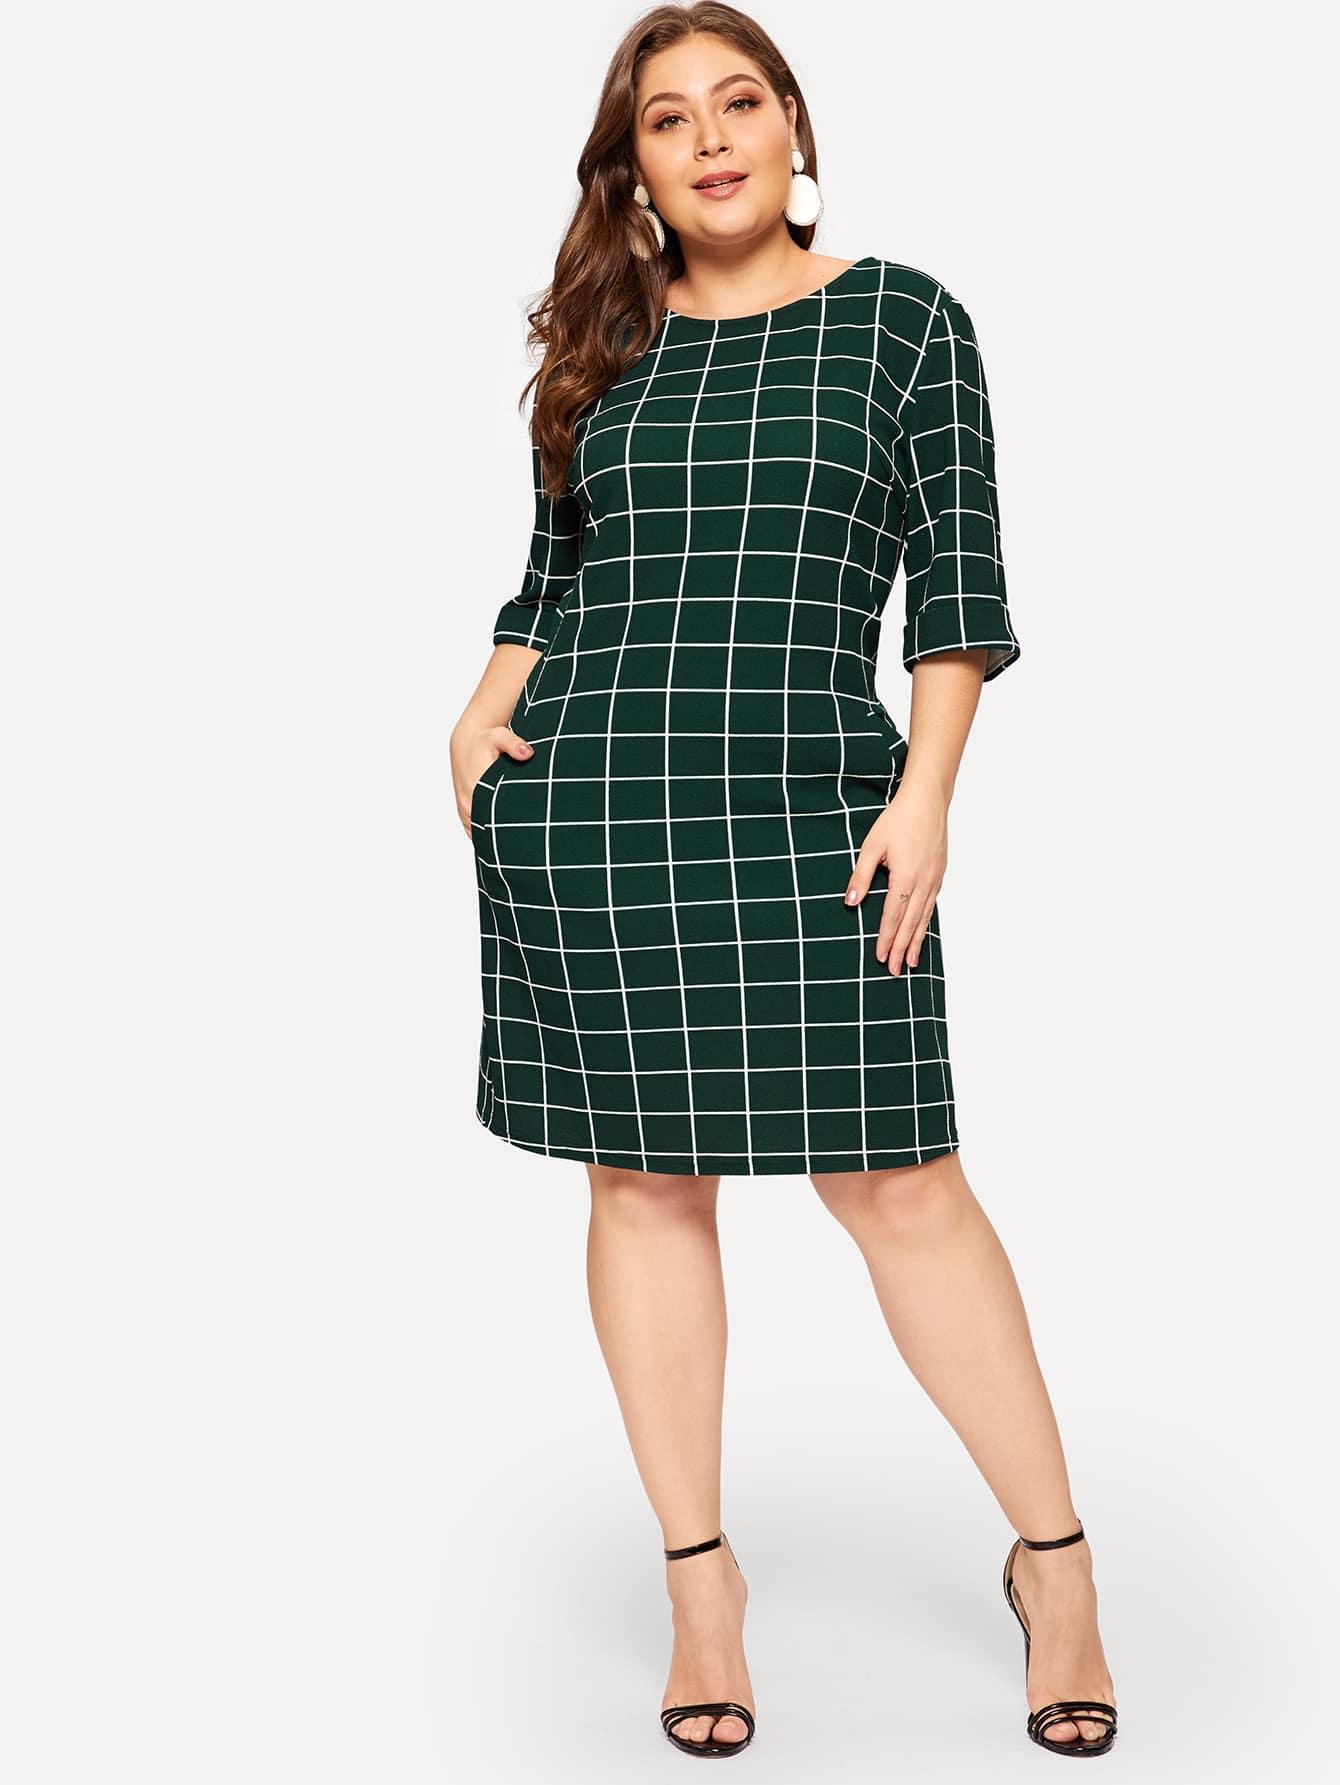 Размер плюс платье в клетку с боковыми карманами и молнией сзади